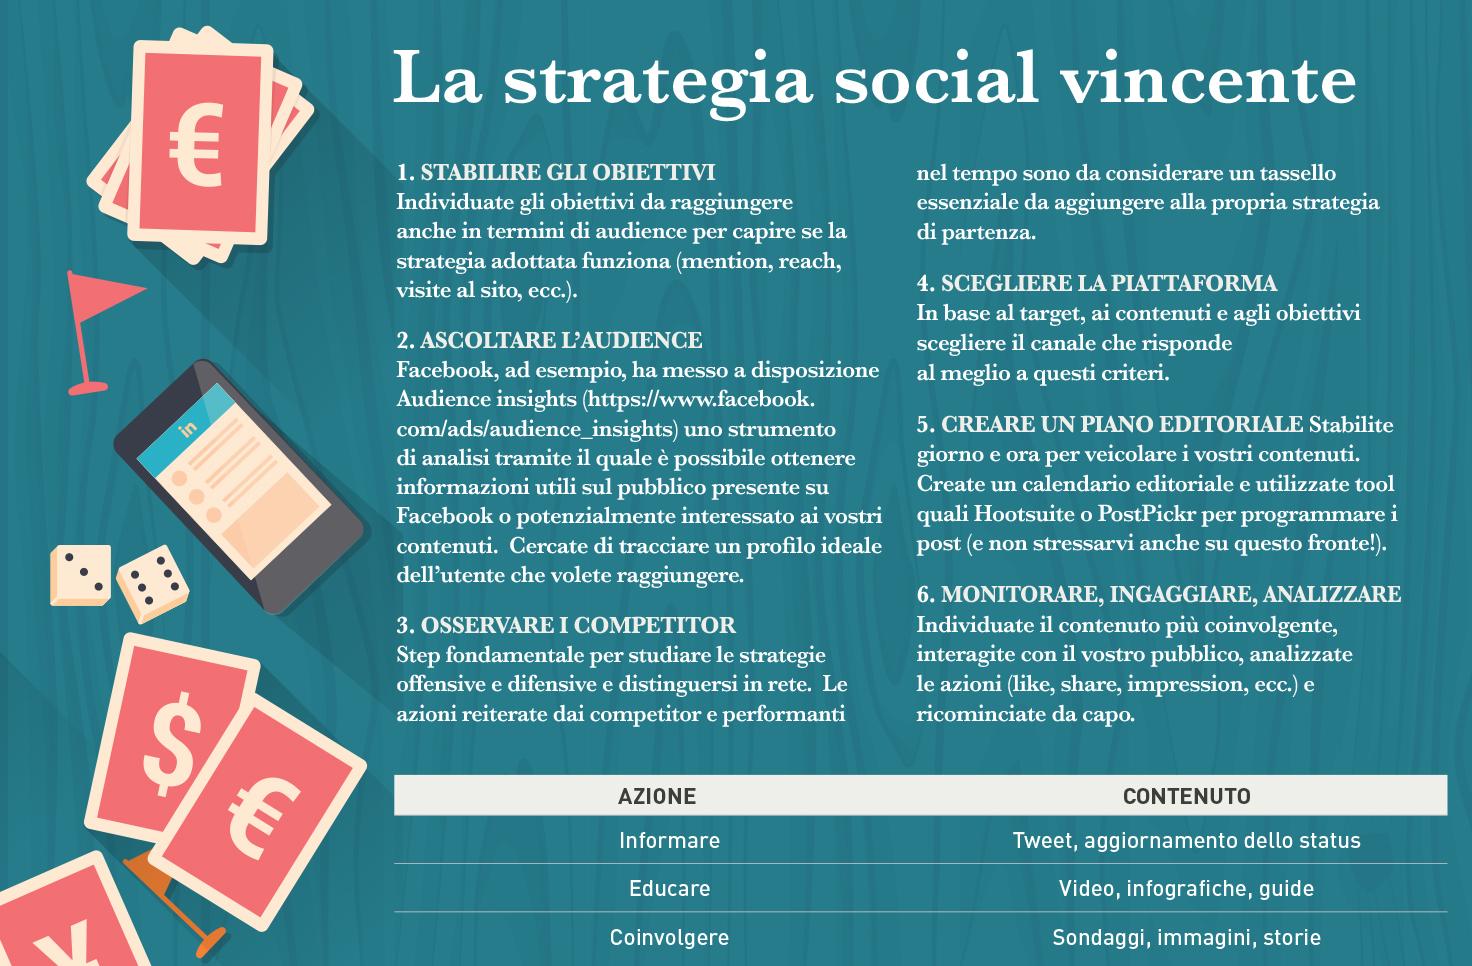 Strategia social consulenti